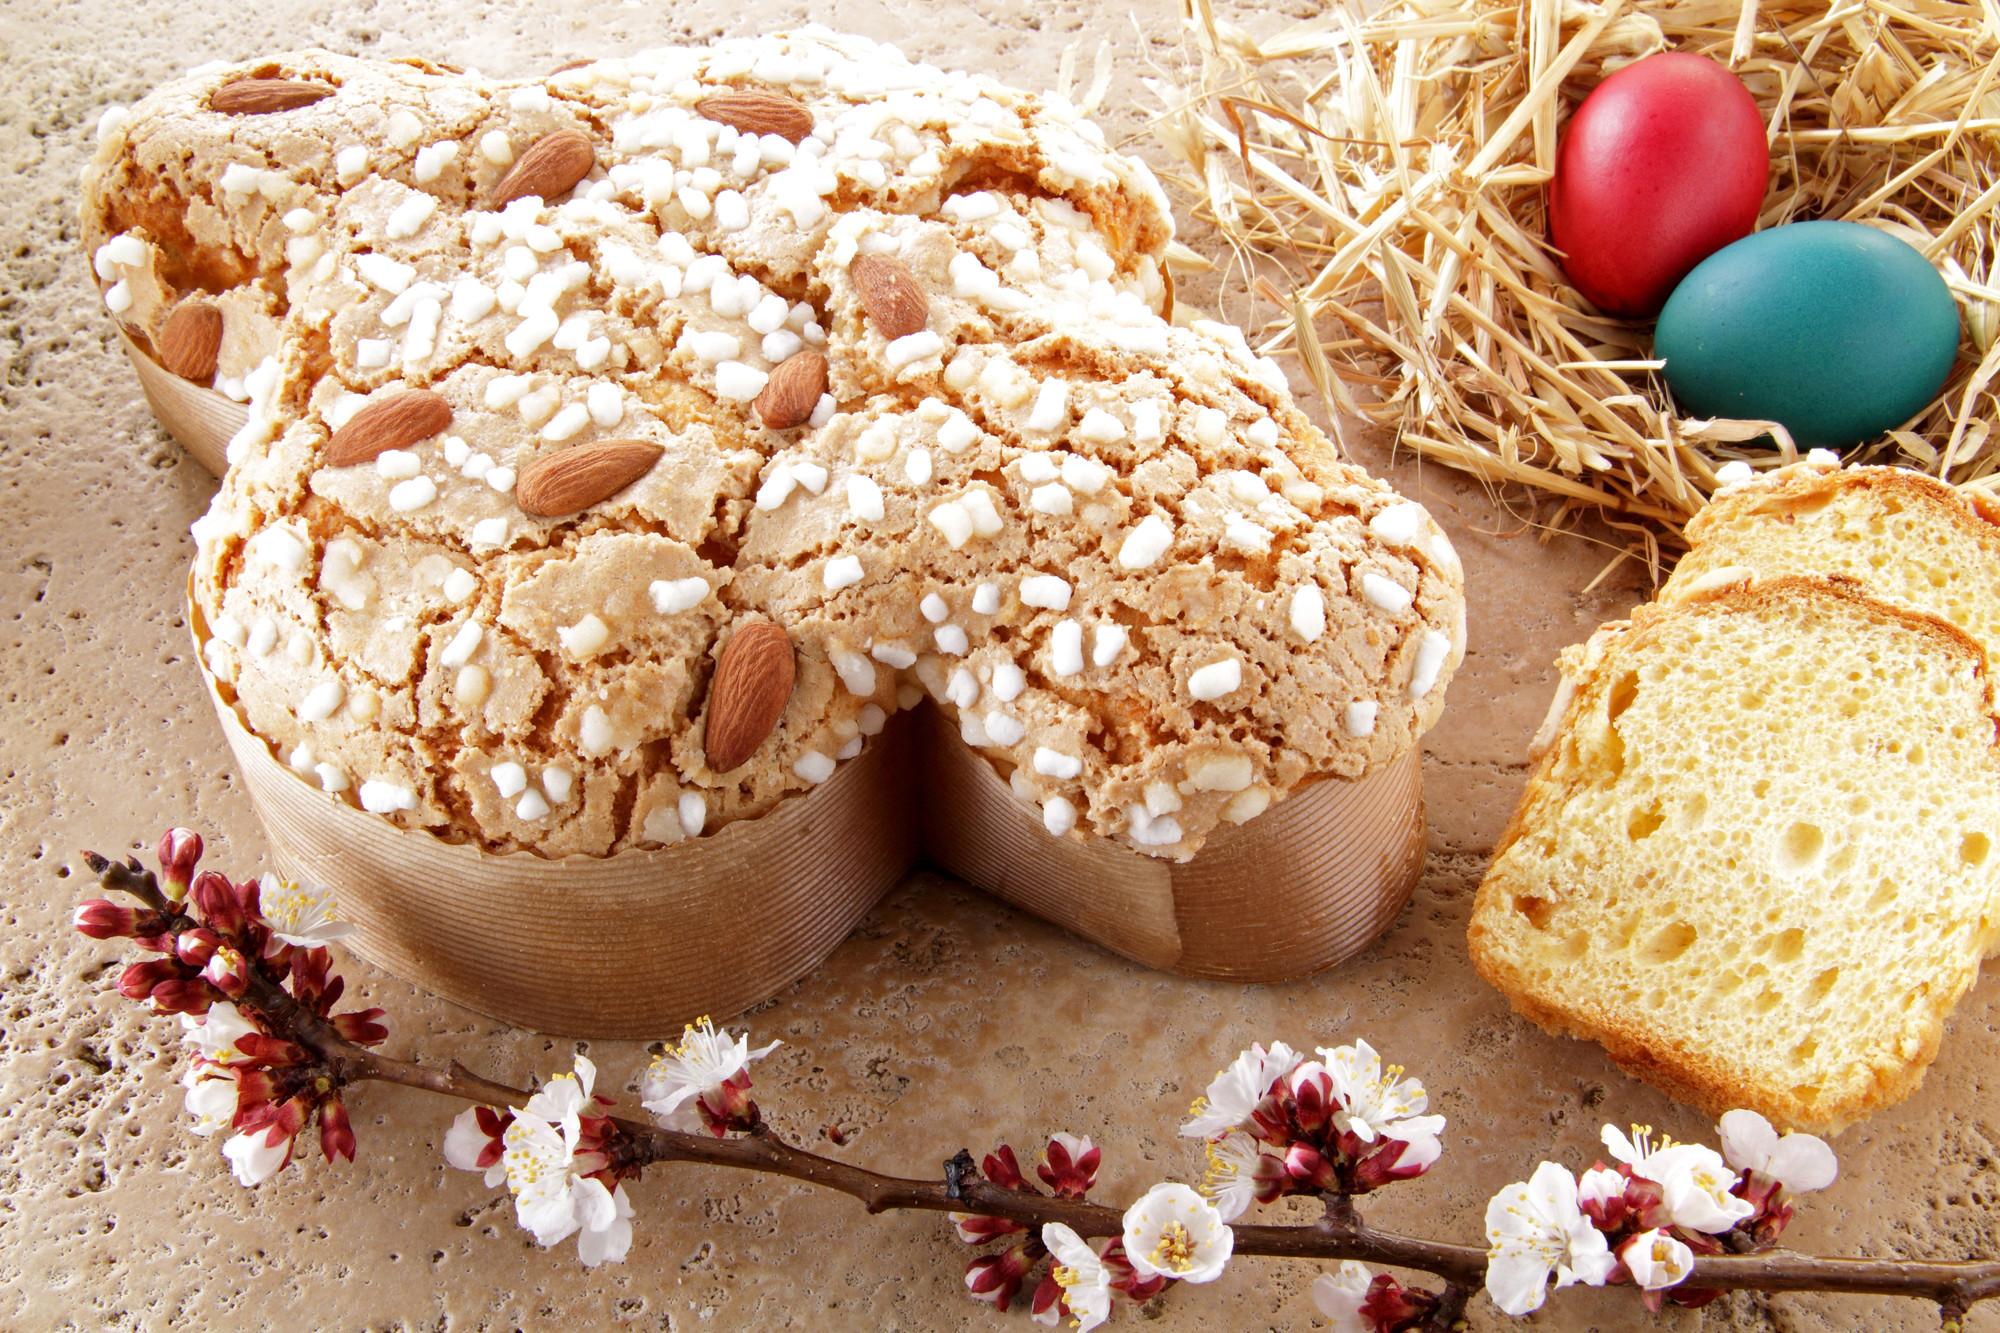 Пасхальные традиции: что едят на Пасху в разных странах